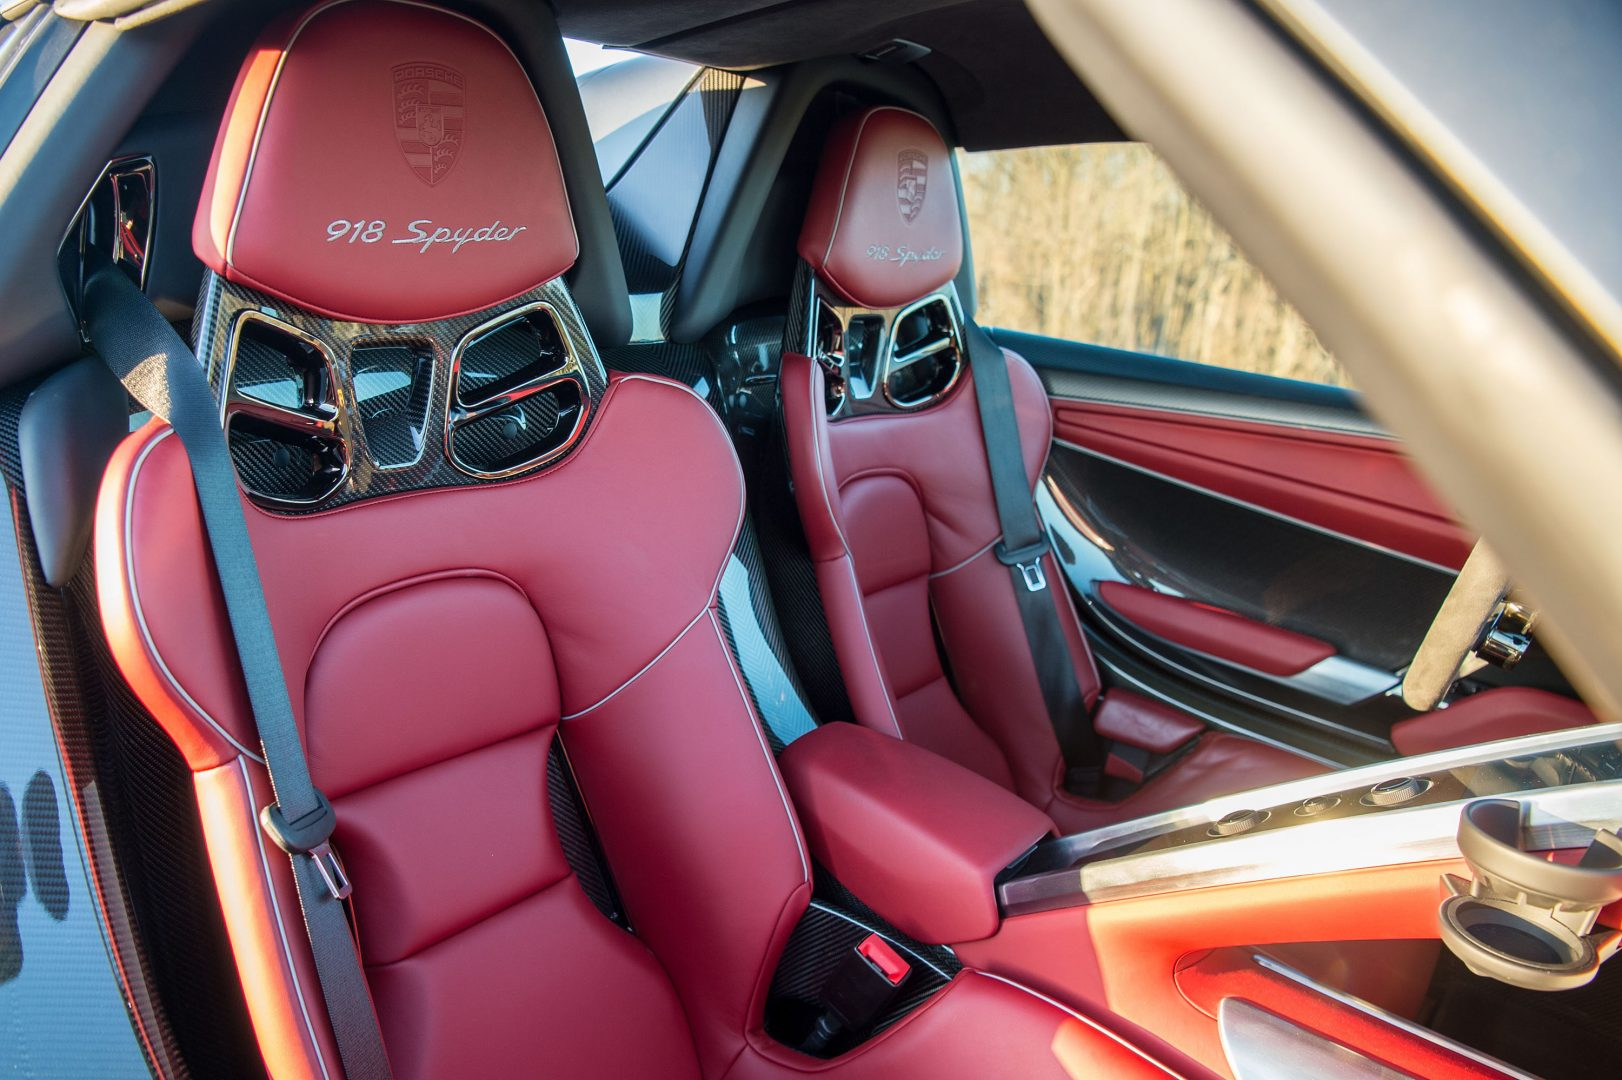 Porsche 918 Spyder red seats and interior, Porsche Lease